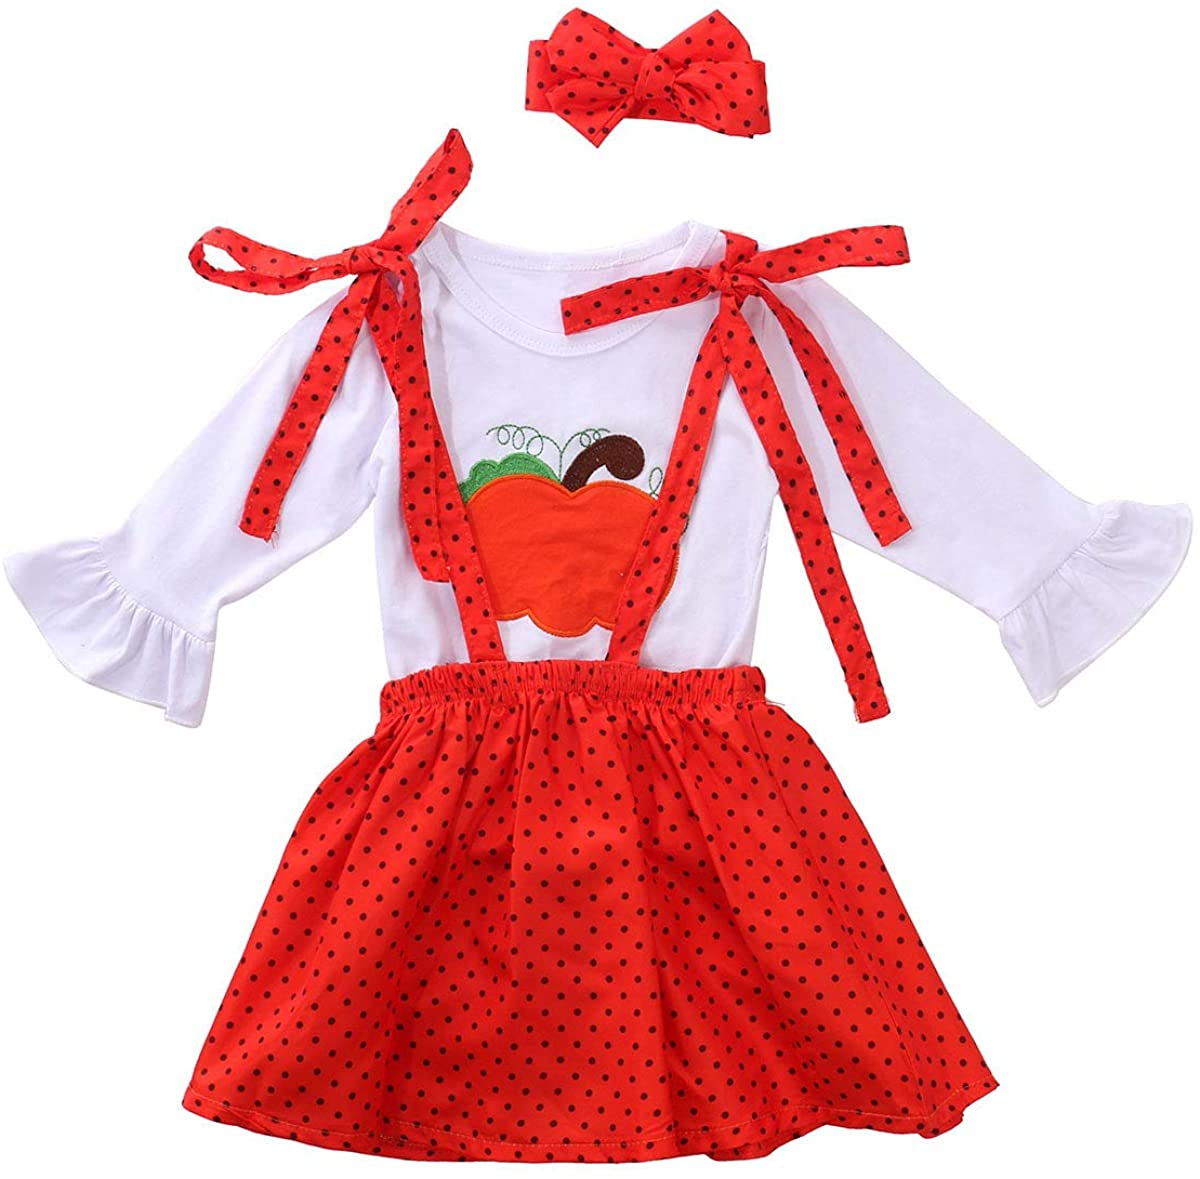 Toddler Girl Halloween Thanksgiving Outfit Pumpkin Turkey Top Suspender Skirt Headband